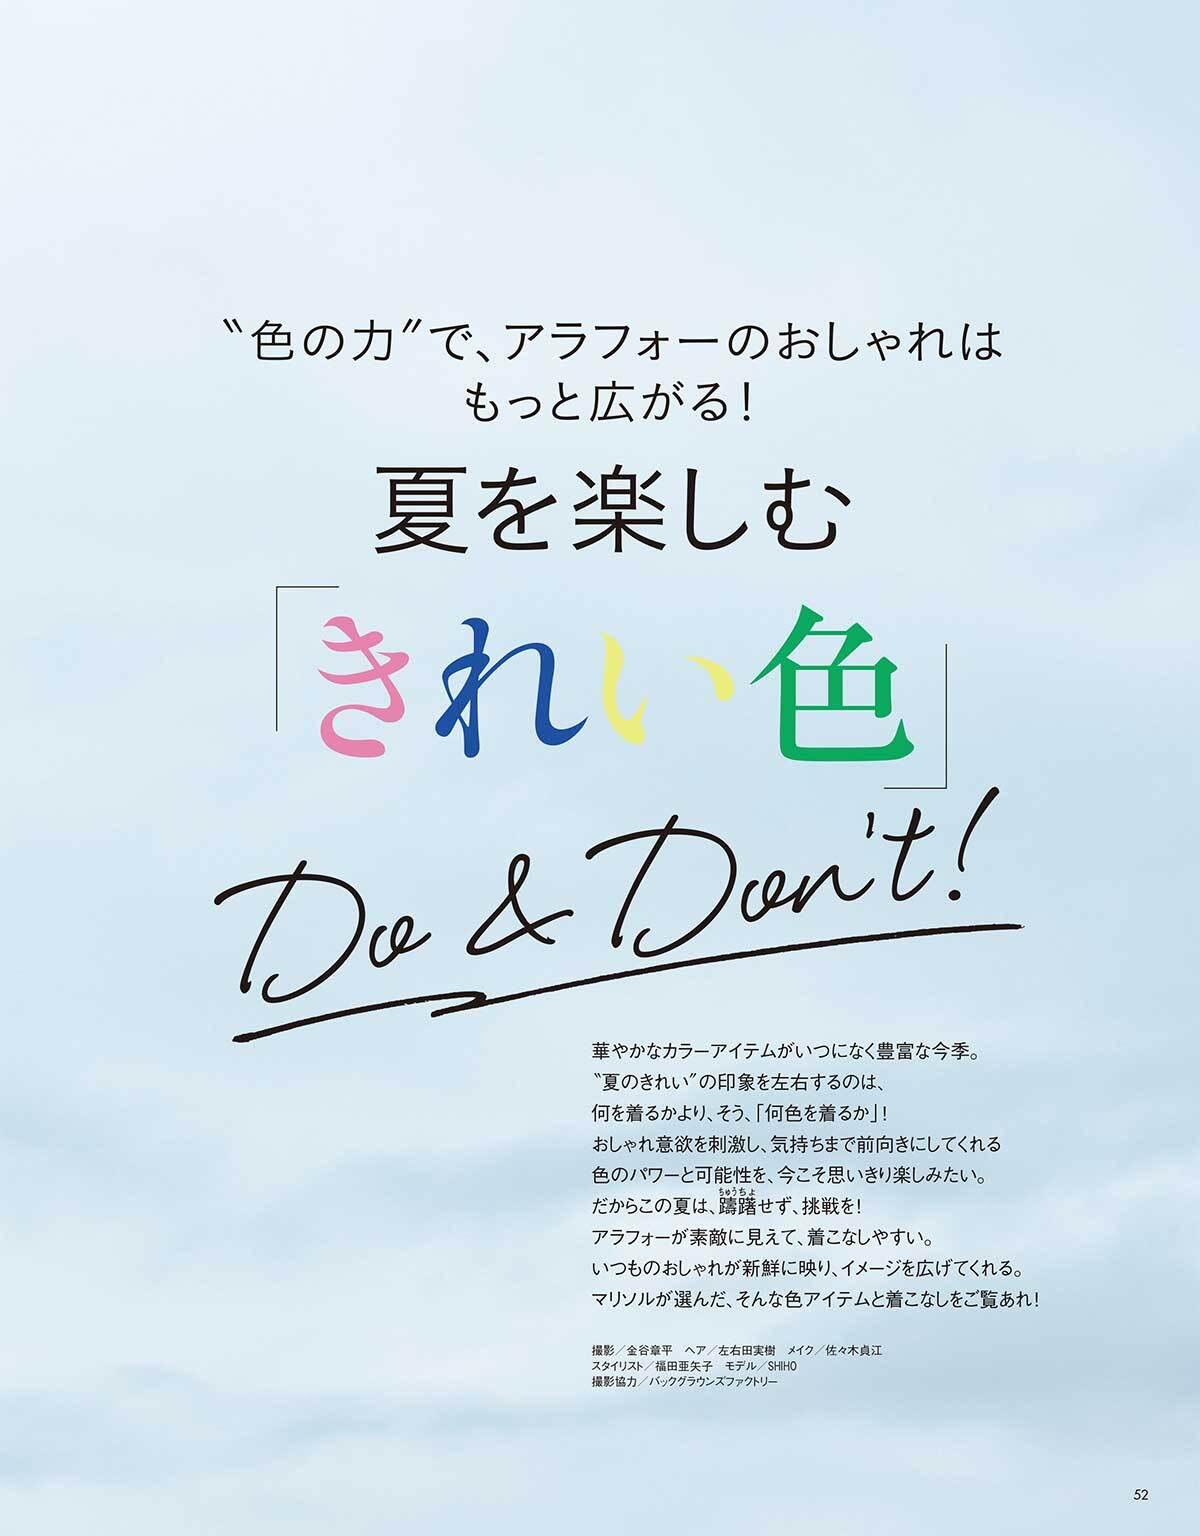 夏を楽しむ「きれい色」Do & Don't!